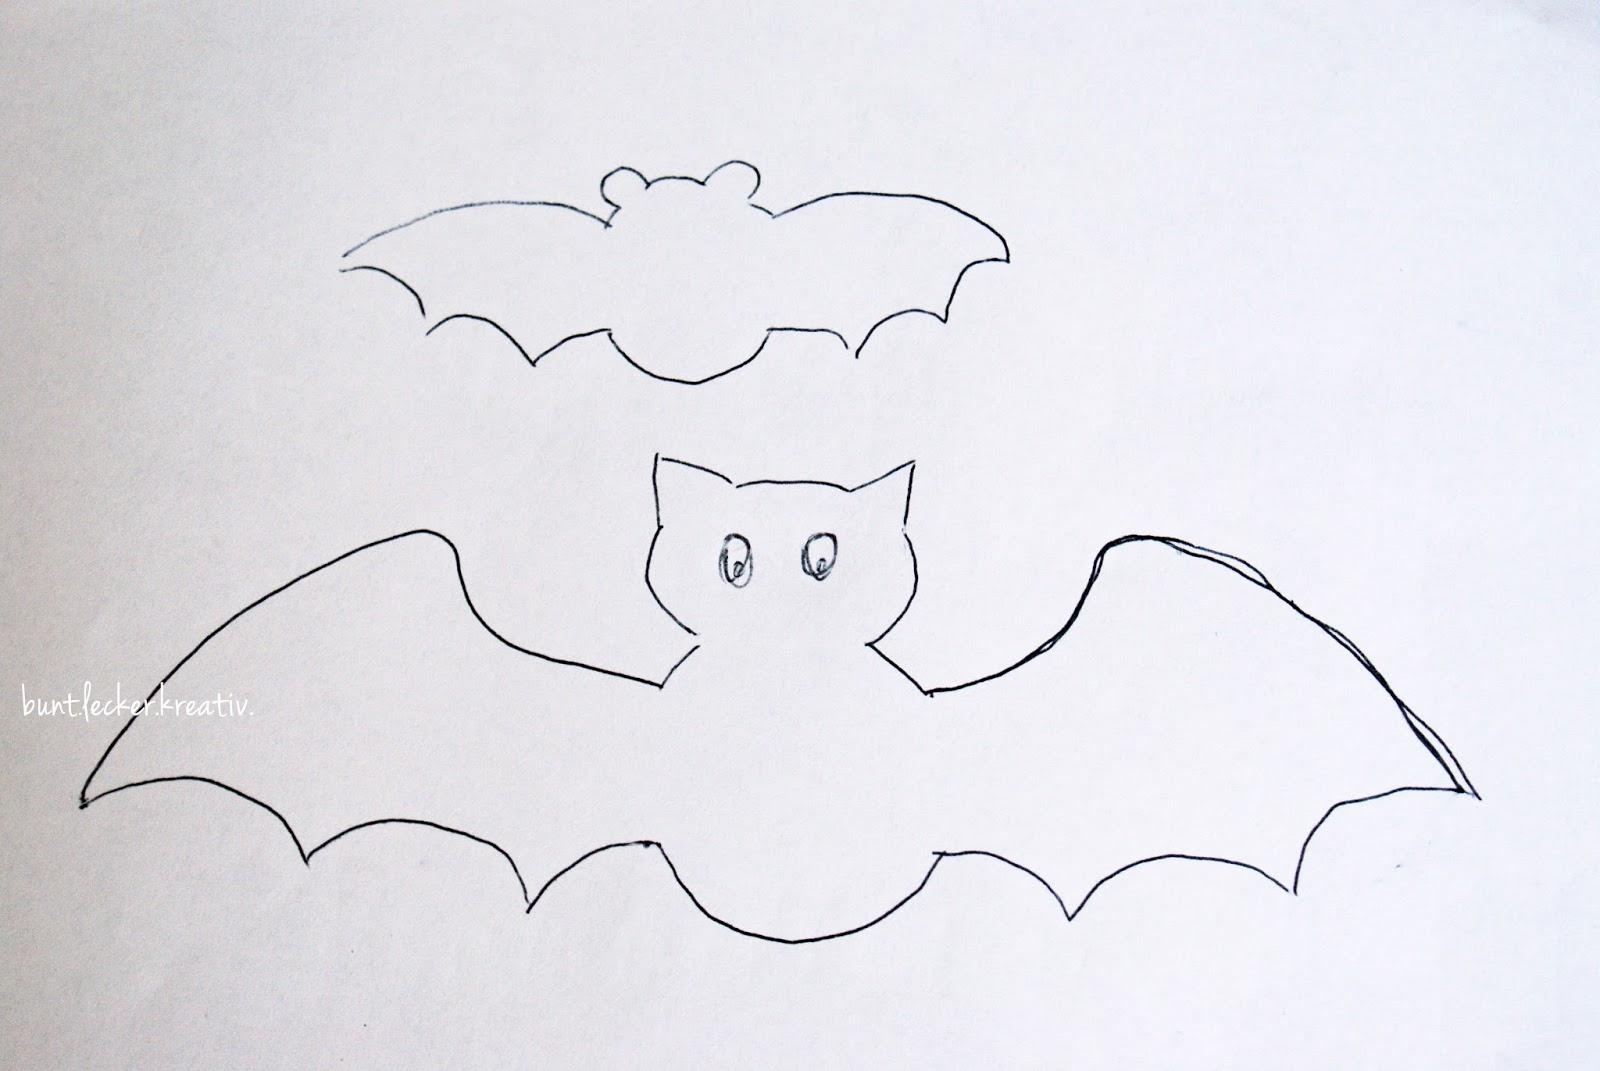 Kleine Fledermaus Als Halloween Dekorations Idee Hexenlabor